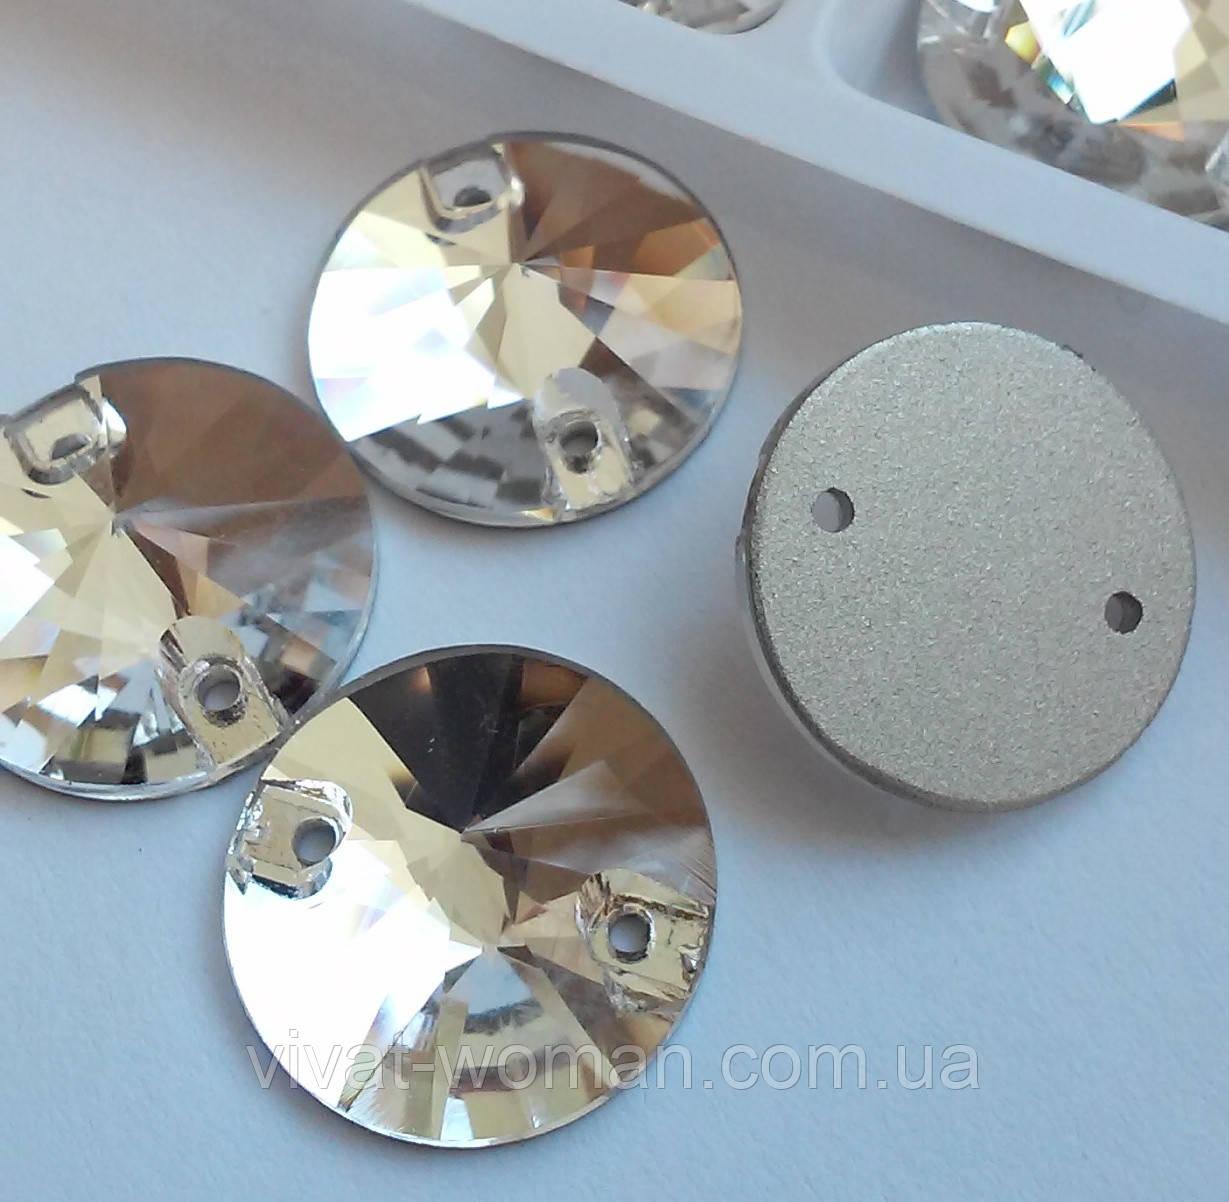 Стрази пришивні Копія Сваровскі, Ріволі (коло) d 20 мм Crystal, скло